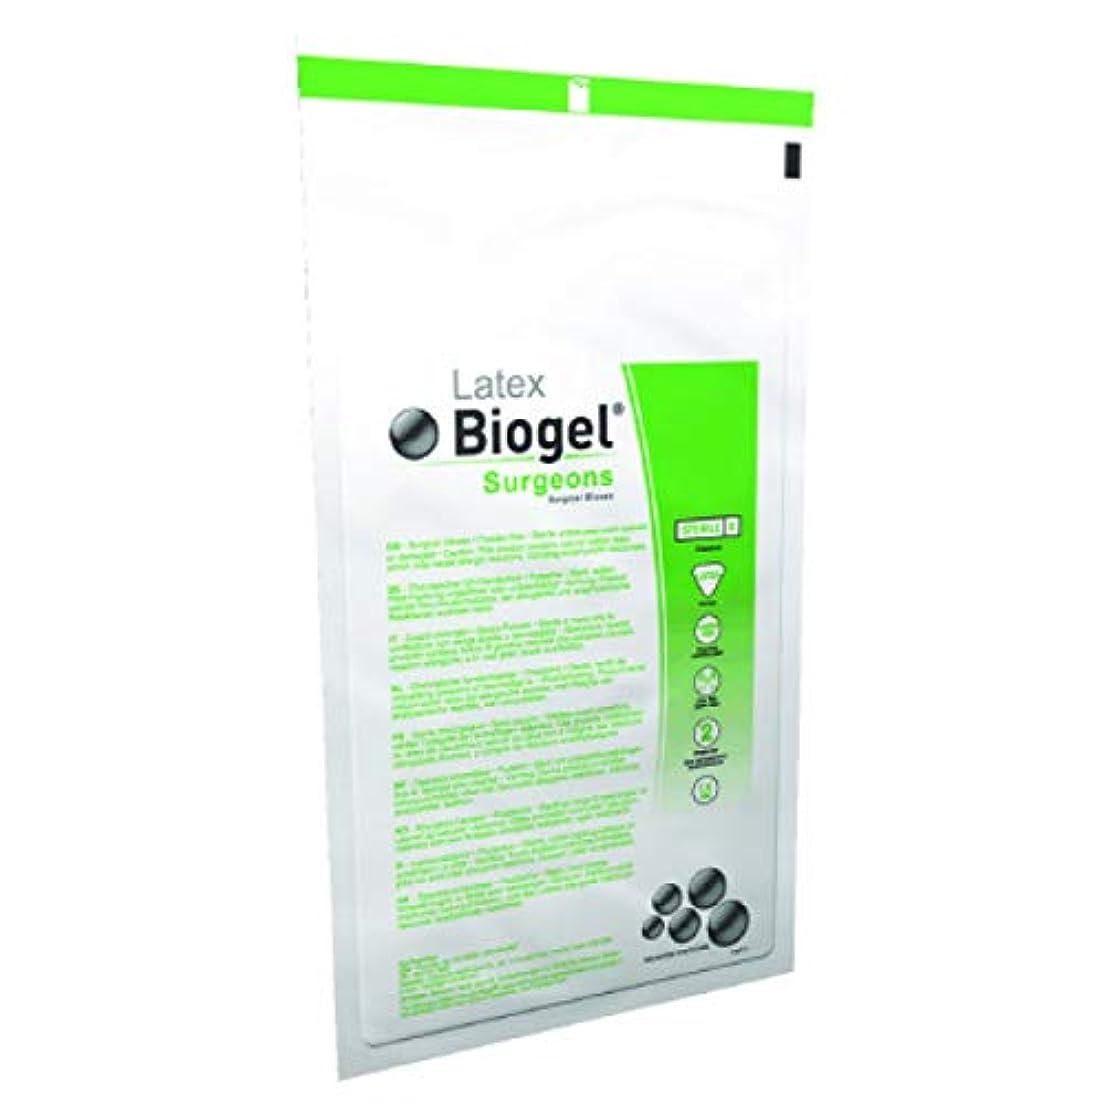 望み意味のある孤独Biogel Surgeons Gloves - Latex Powder Free - Sterile - 7.0 (50 Pairs) by Biogel